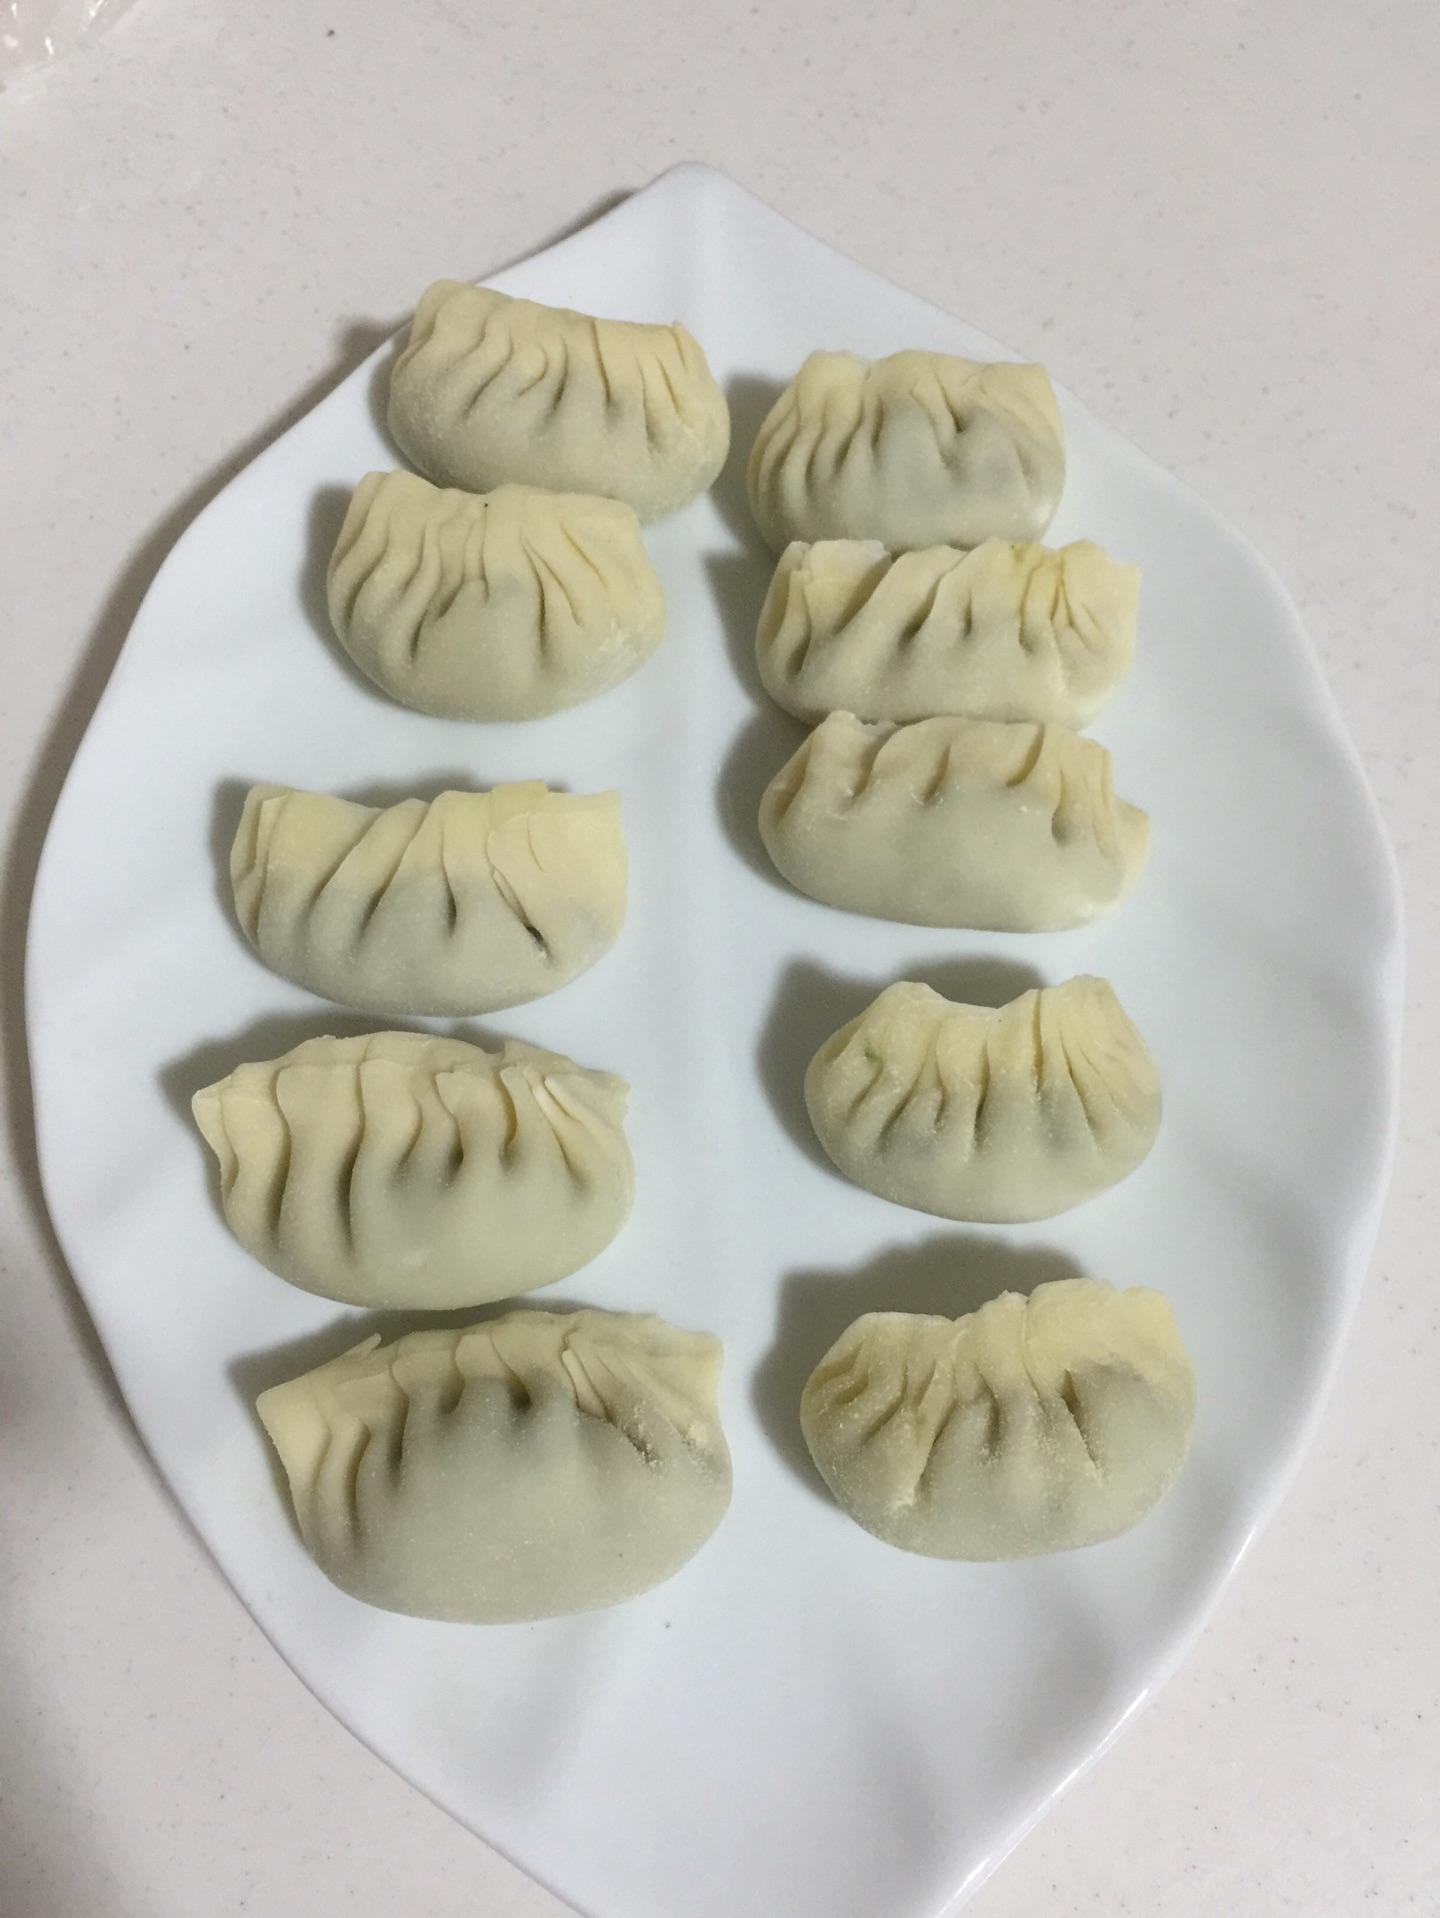 包成自己喜欢的饺子形状!